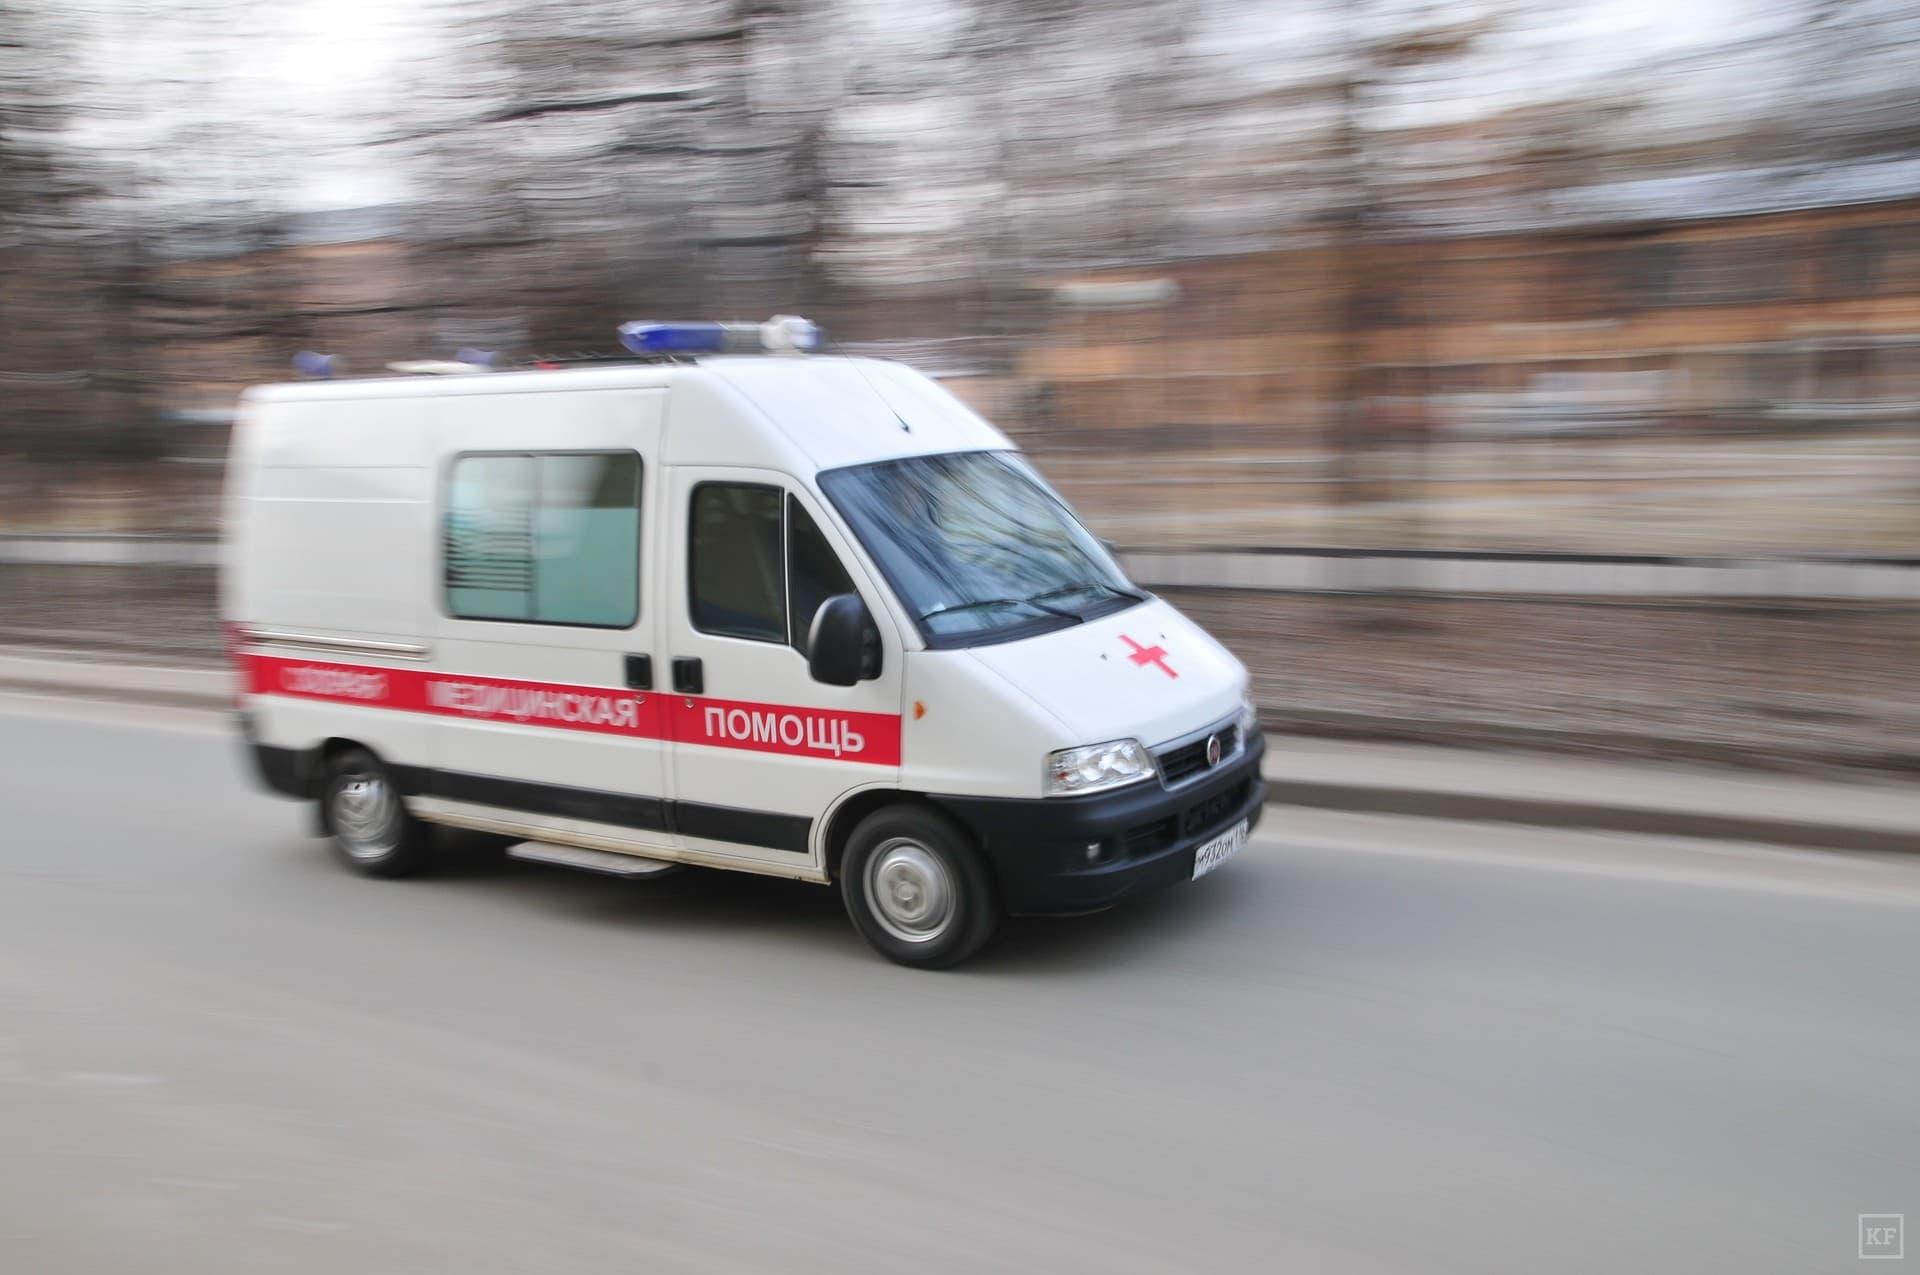 «Перебои с поставками»: Главврач СМП объяснил нехватку элементарных расходников на «скорой»